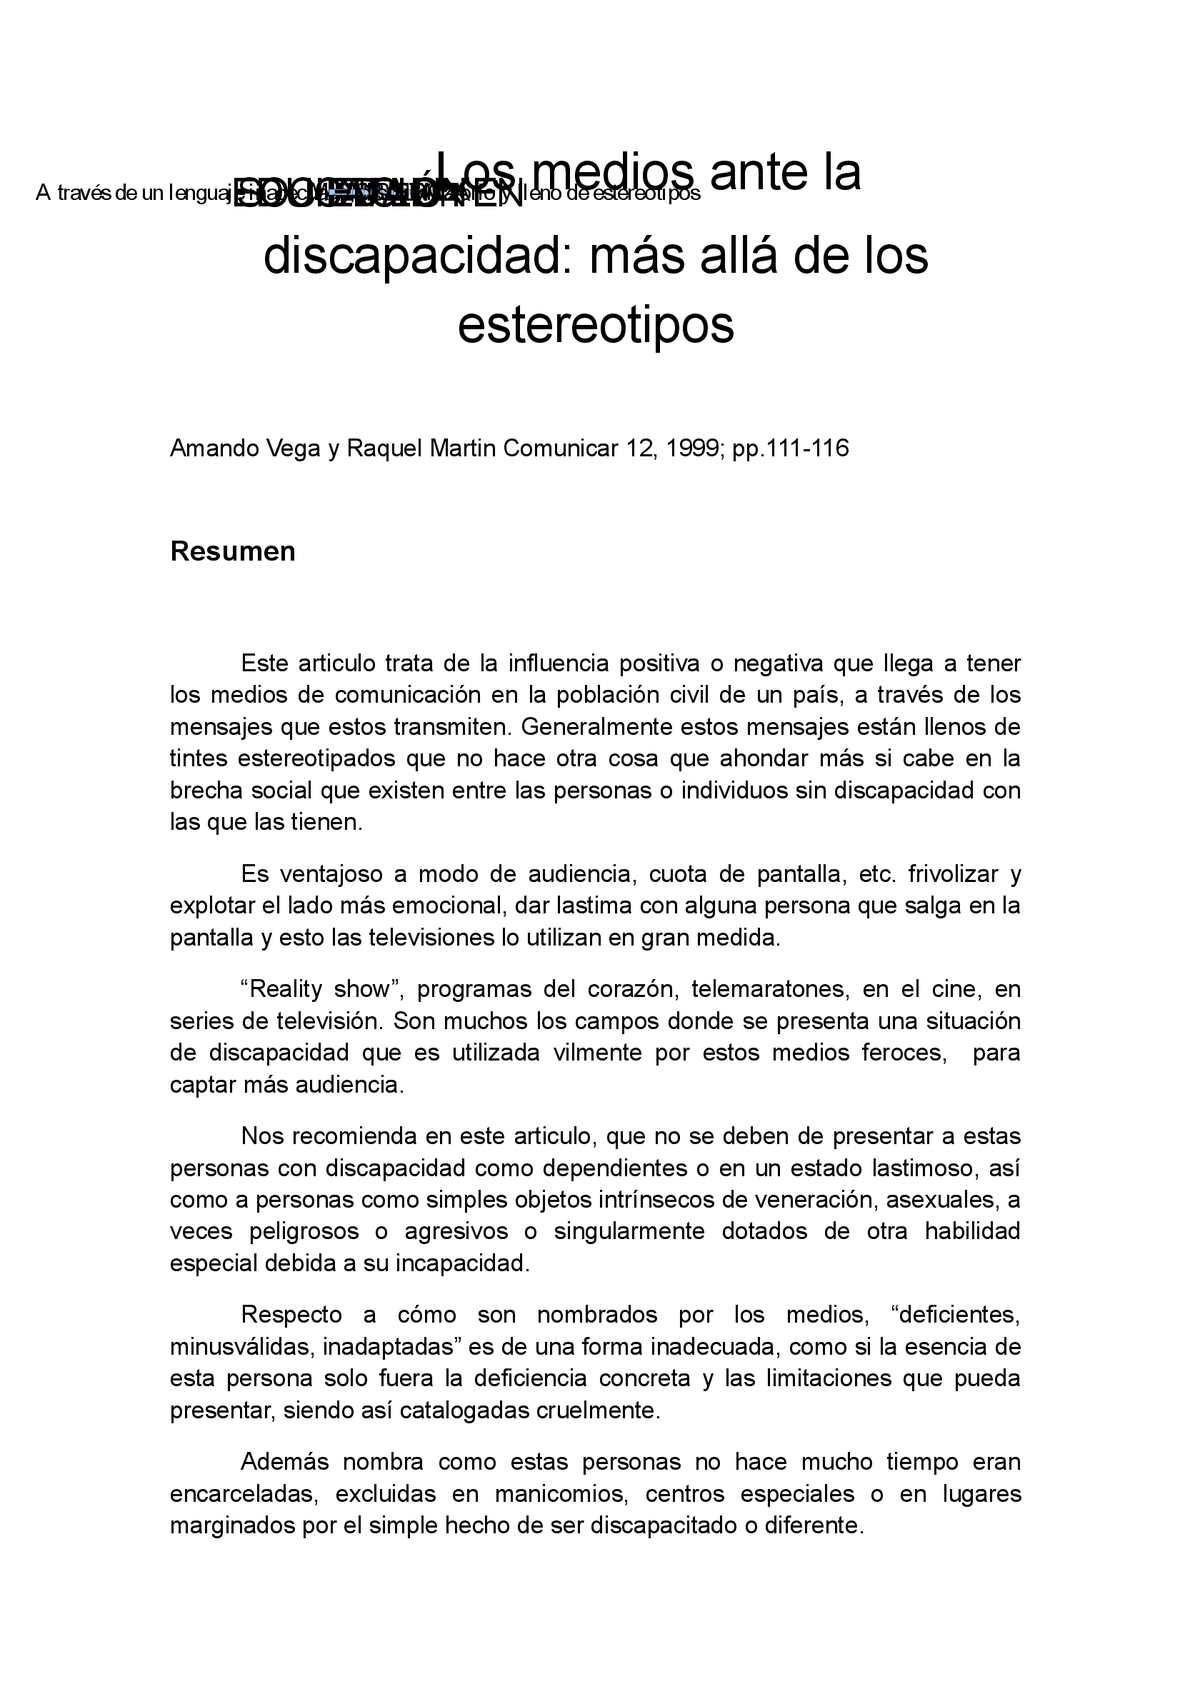 Calaméo - Resumen, opinion personal y mapa conceptual del articulo